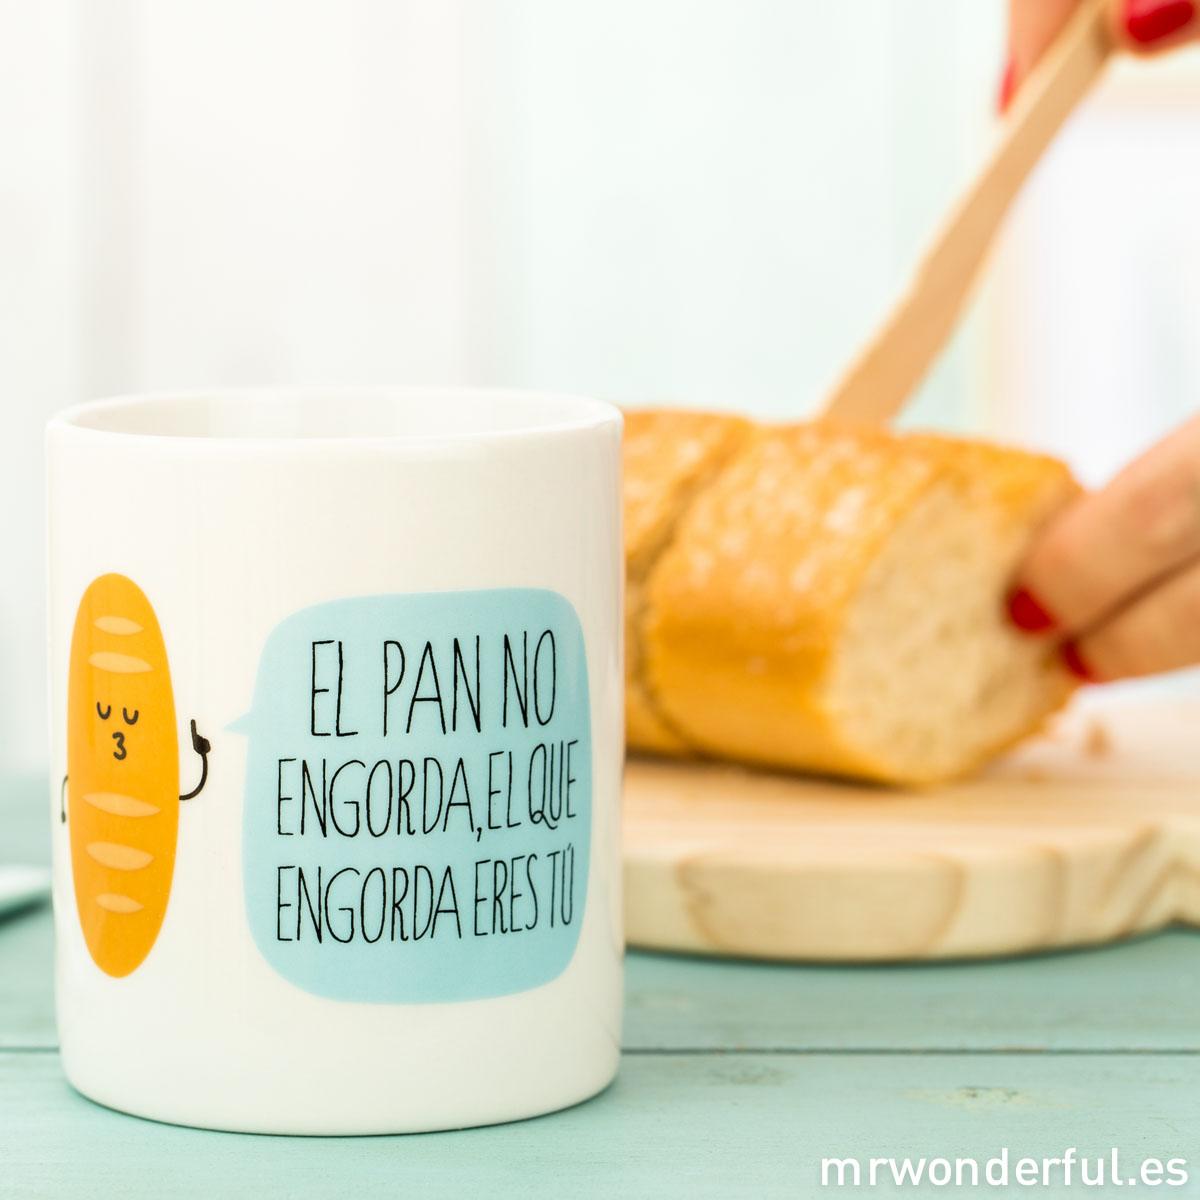 mrwonderful_won92_El-pan-no-engorda-ergordas-tu-23